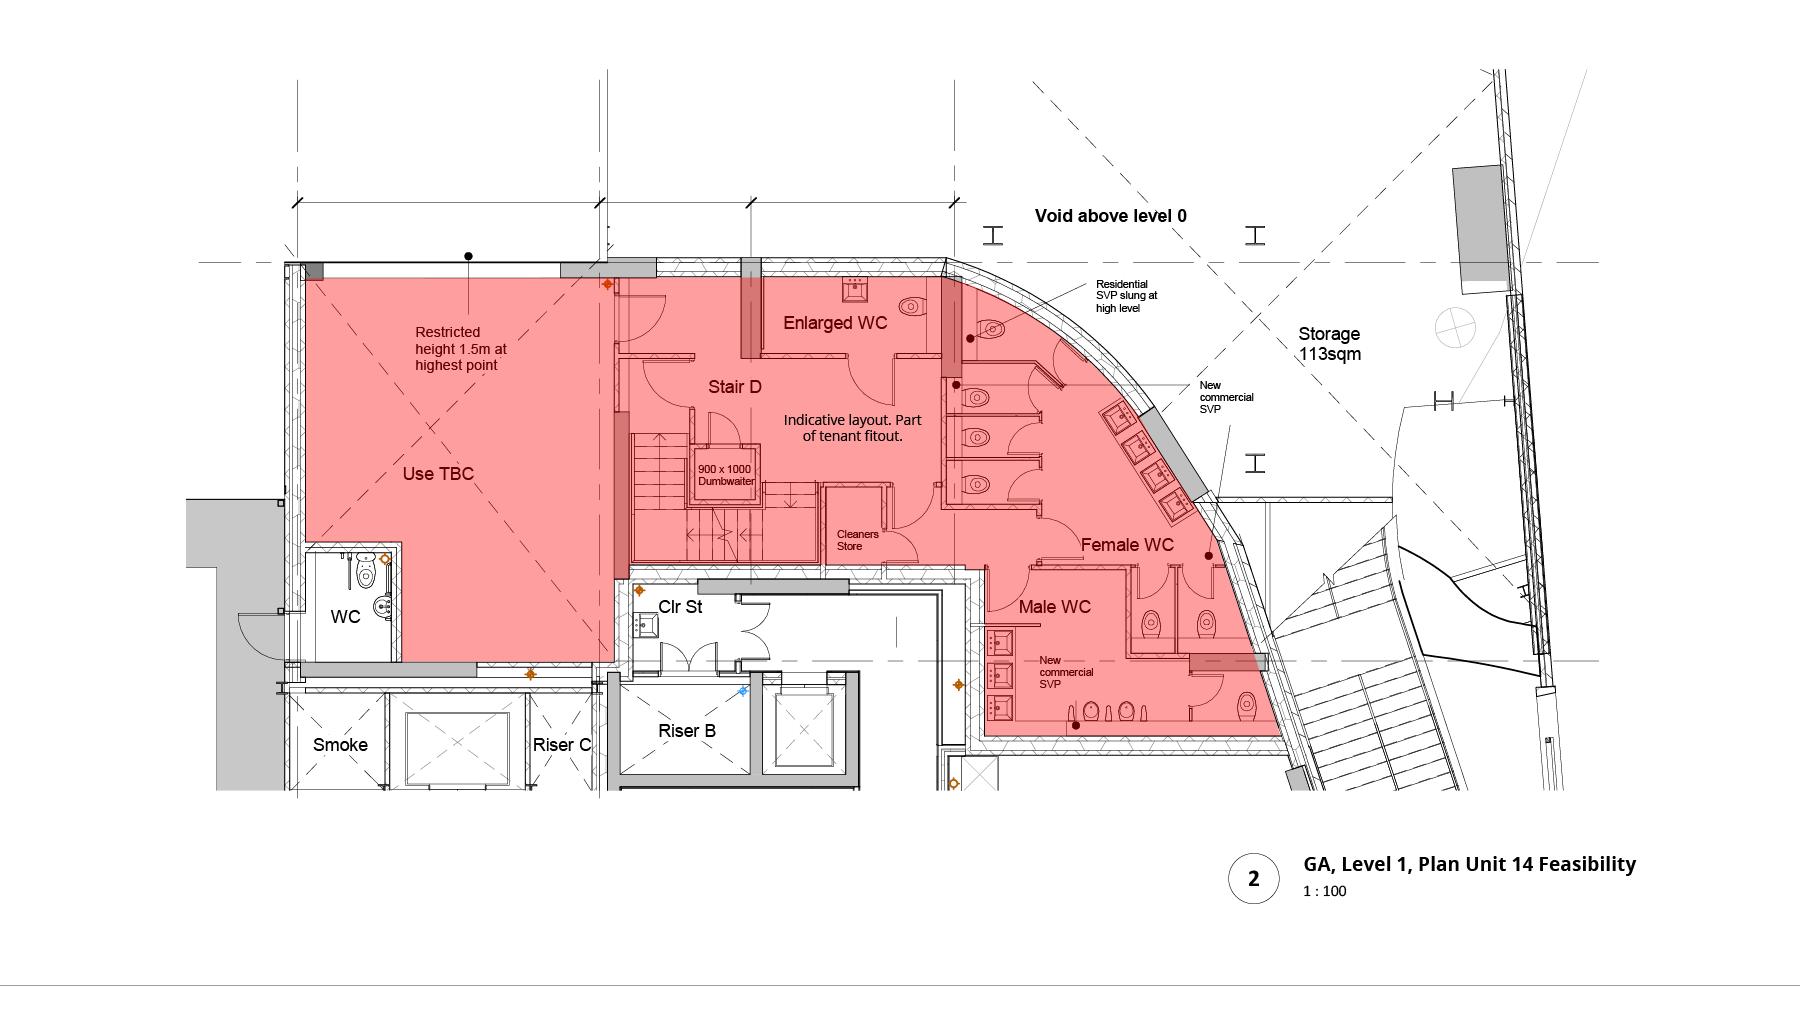 Unit 14, level 1